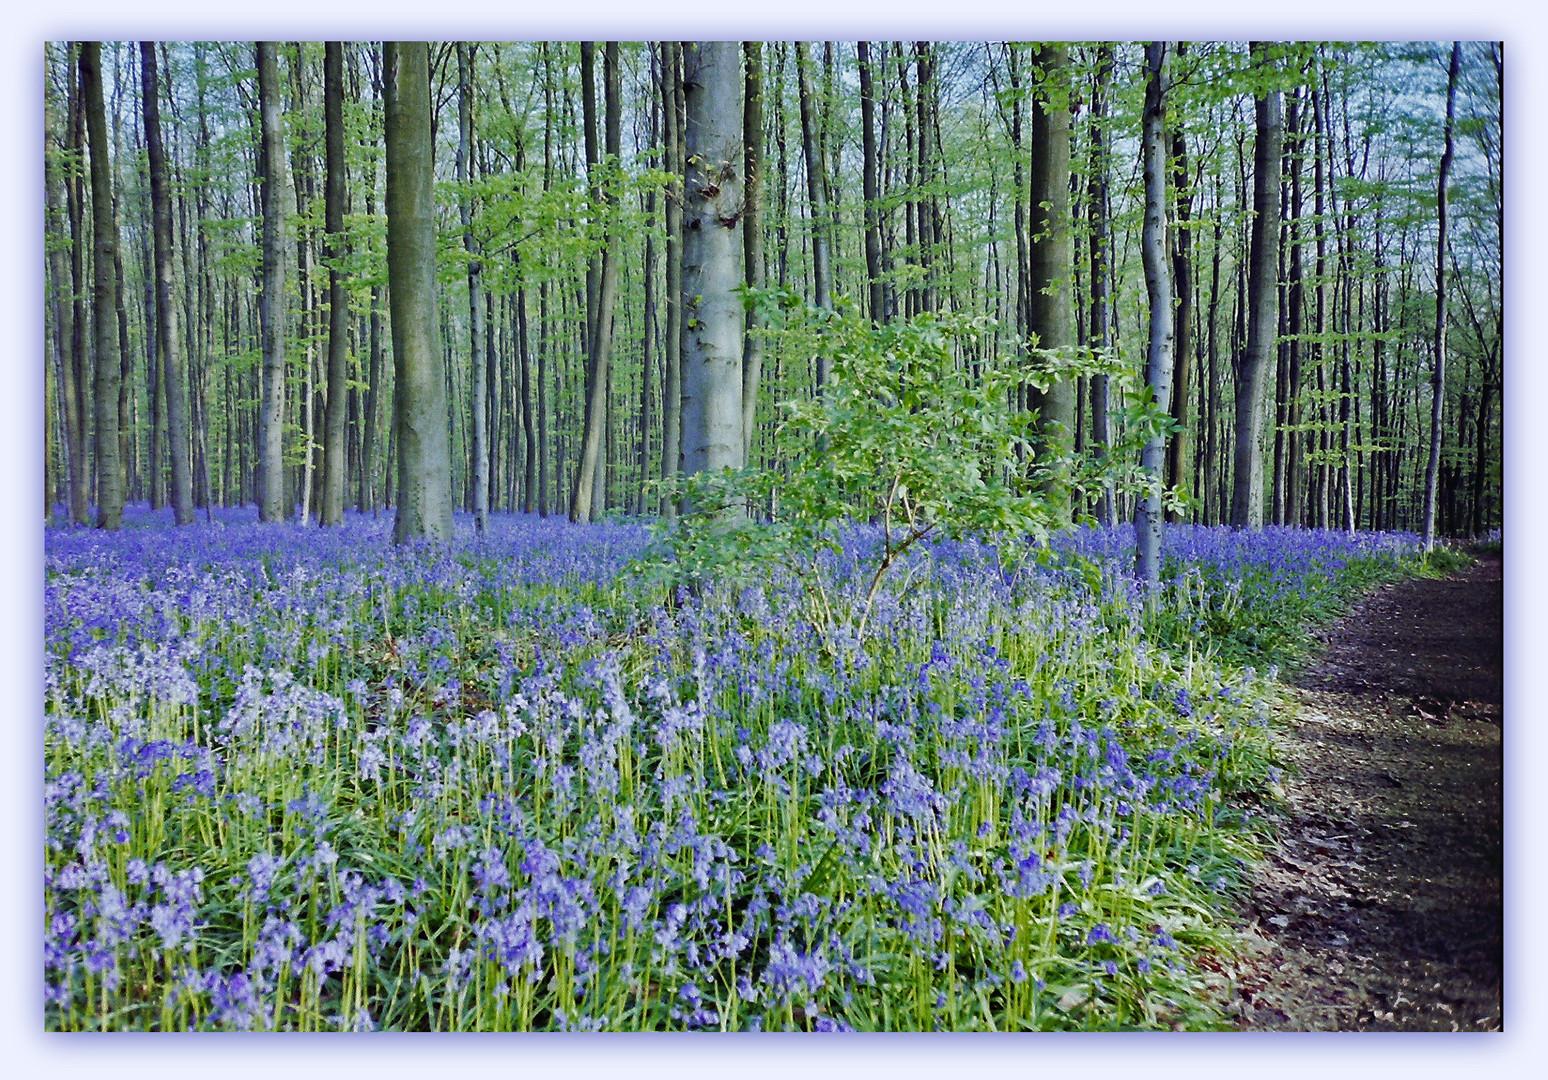 Hêtraie de Hal et son tapis de jacinthes des bois.